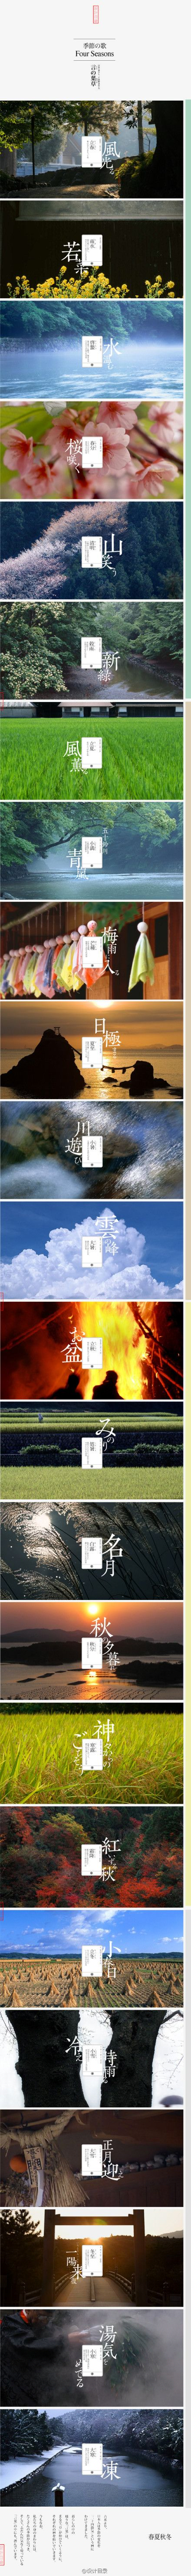 四季の歌   春雨惊春清谷天;夏满芒夏暑...